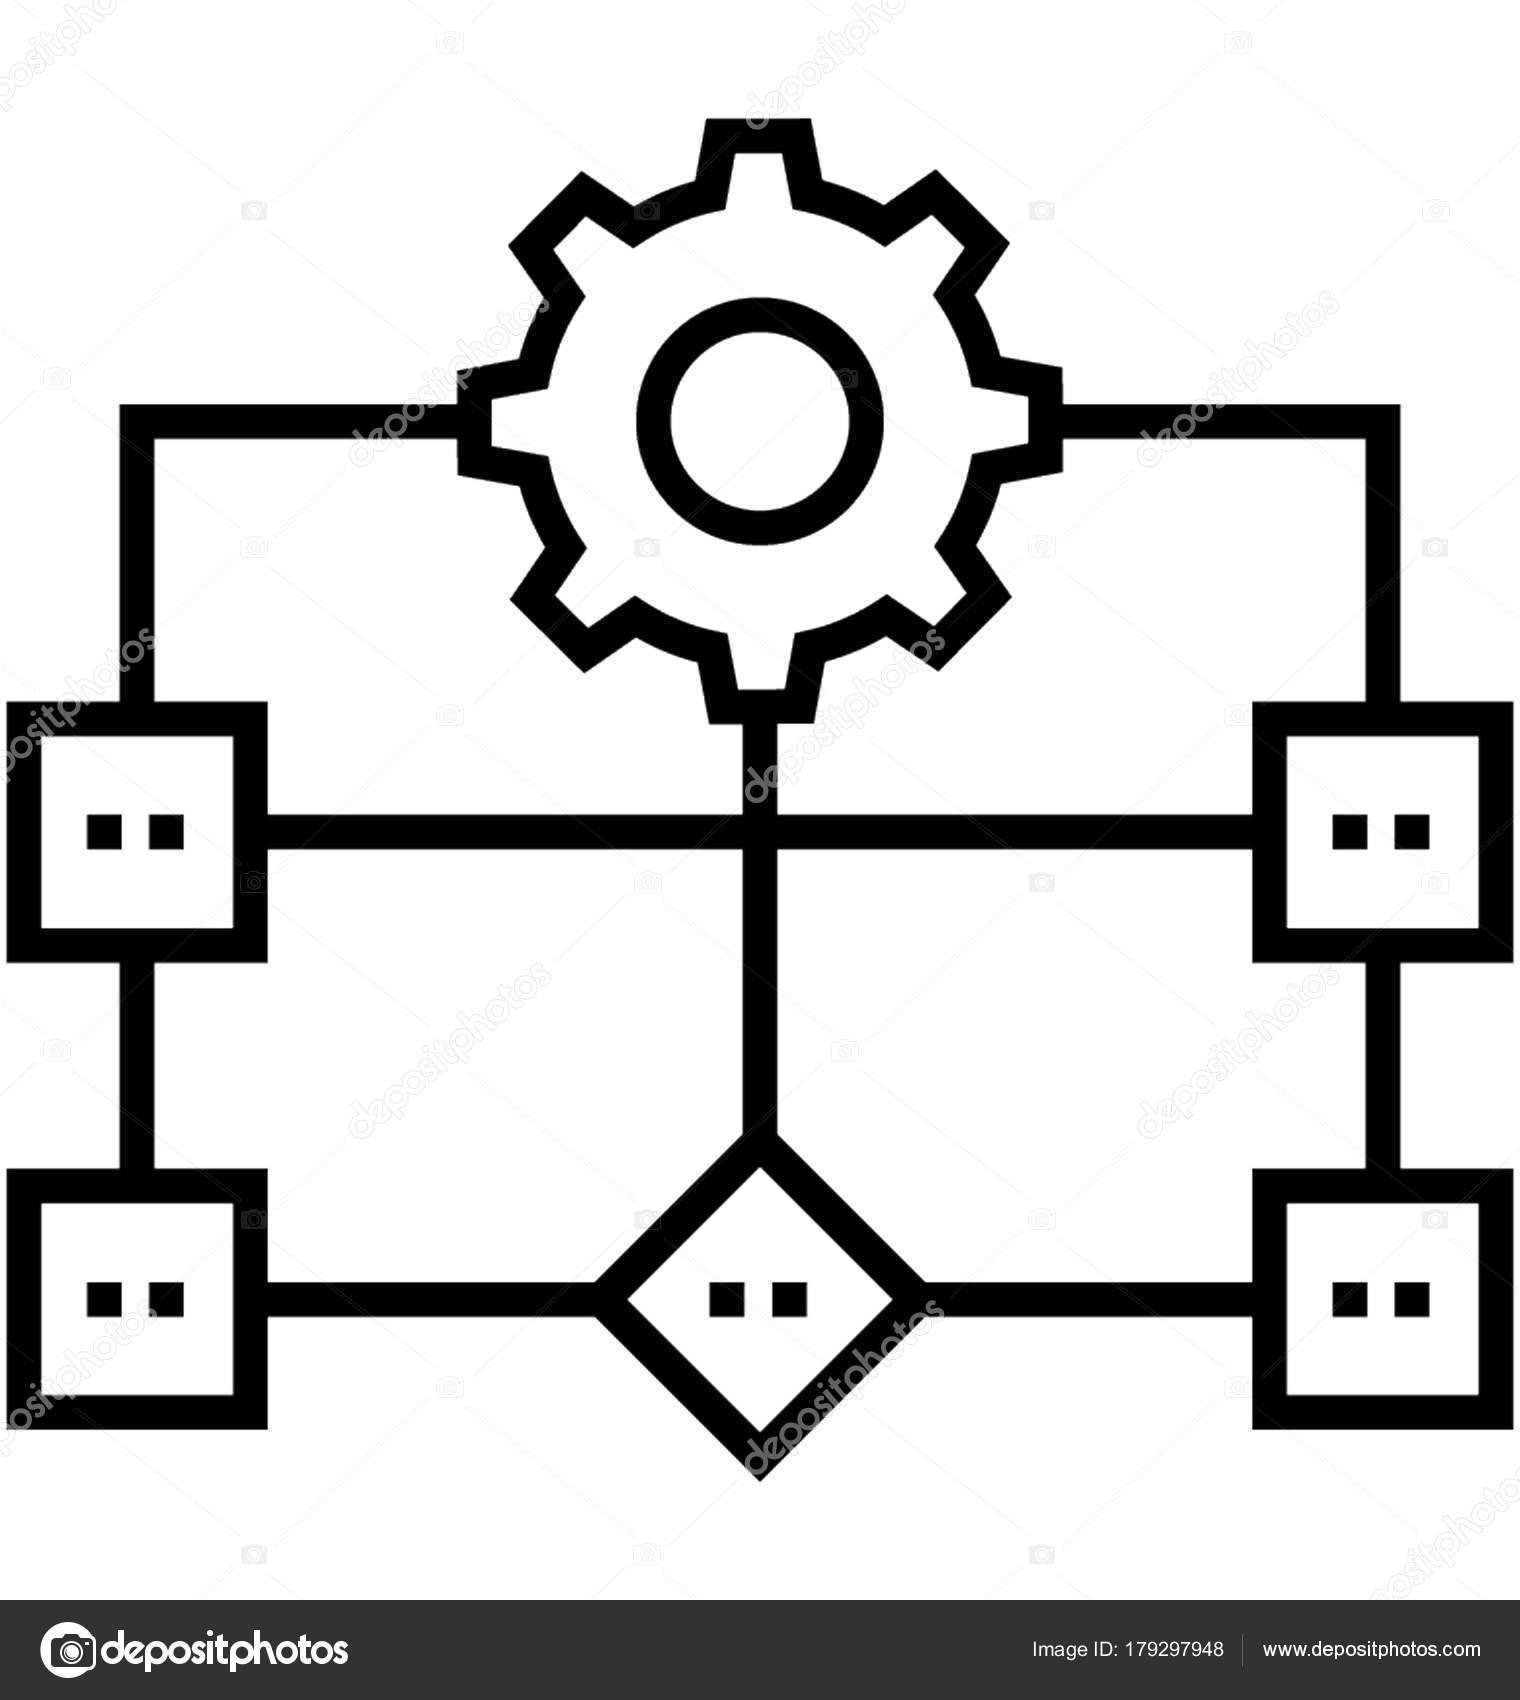 Icono Vector Flujo Trabajo Proceso